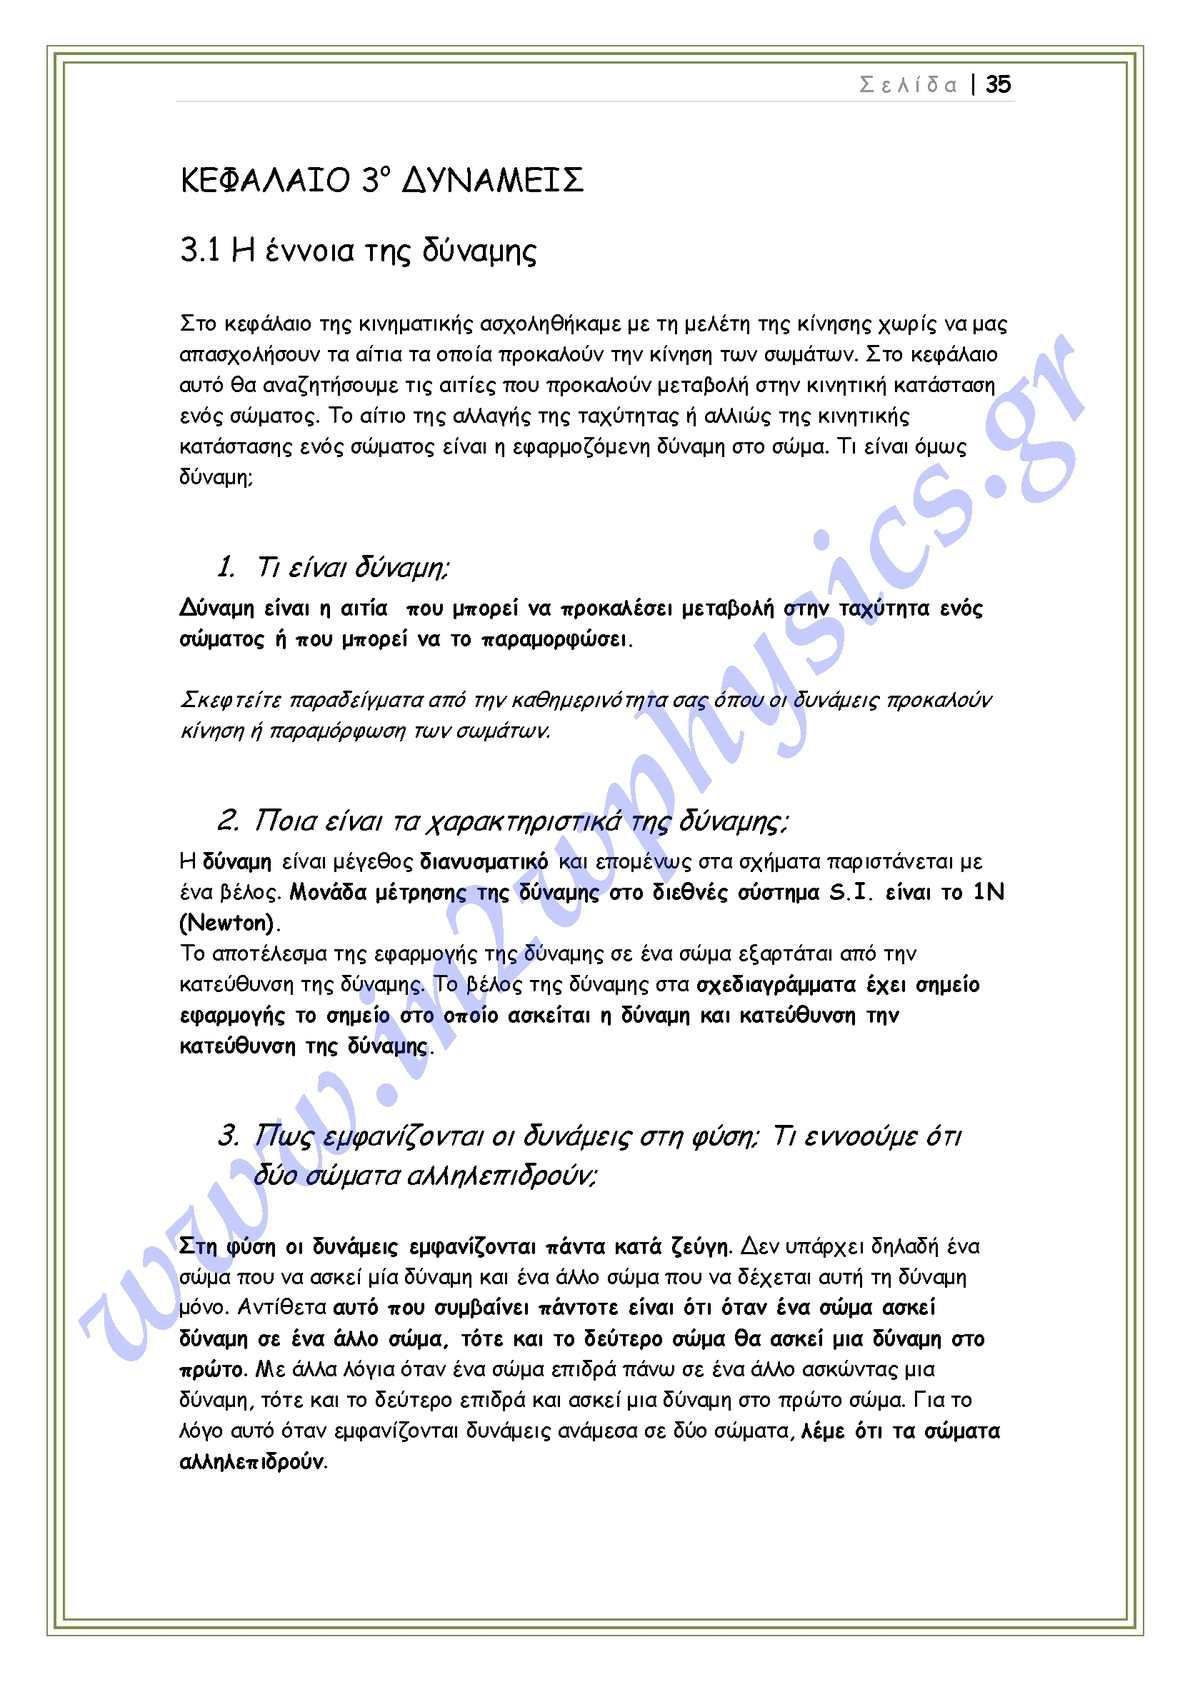 ΚΕΦΑΛΑΙΟ 3 - ΔΥΝΑΜΕΙΣ - Β ΓΥΜΝΑΣΙΟΥ (ΦΥΣΙΚΗ)